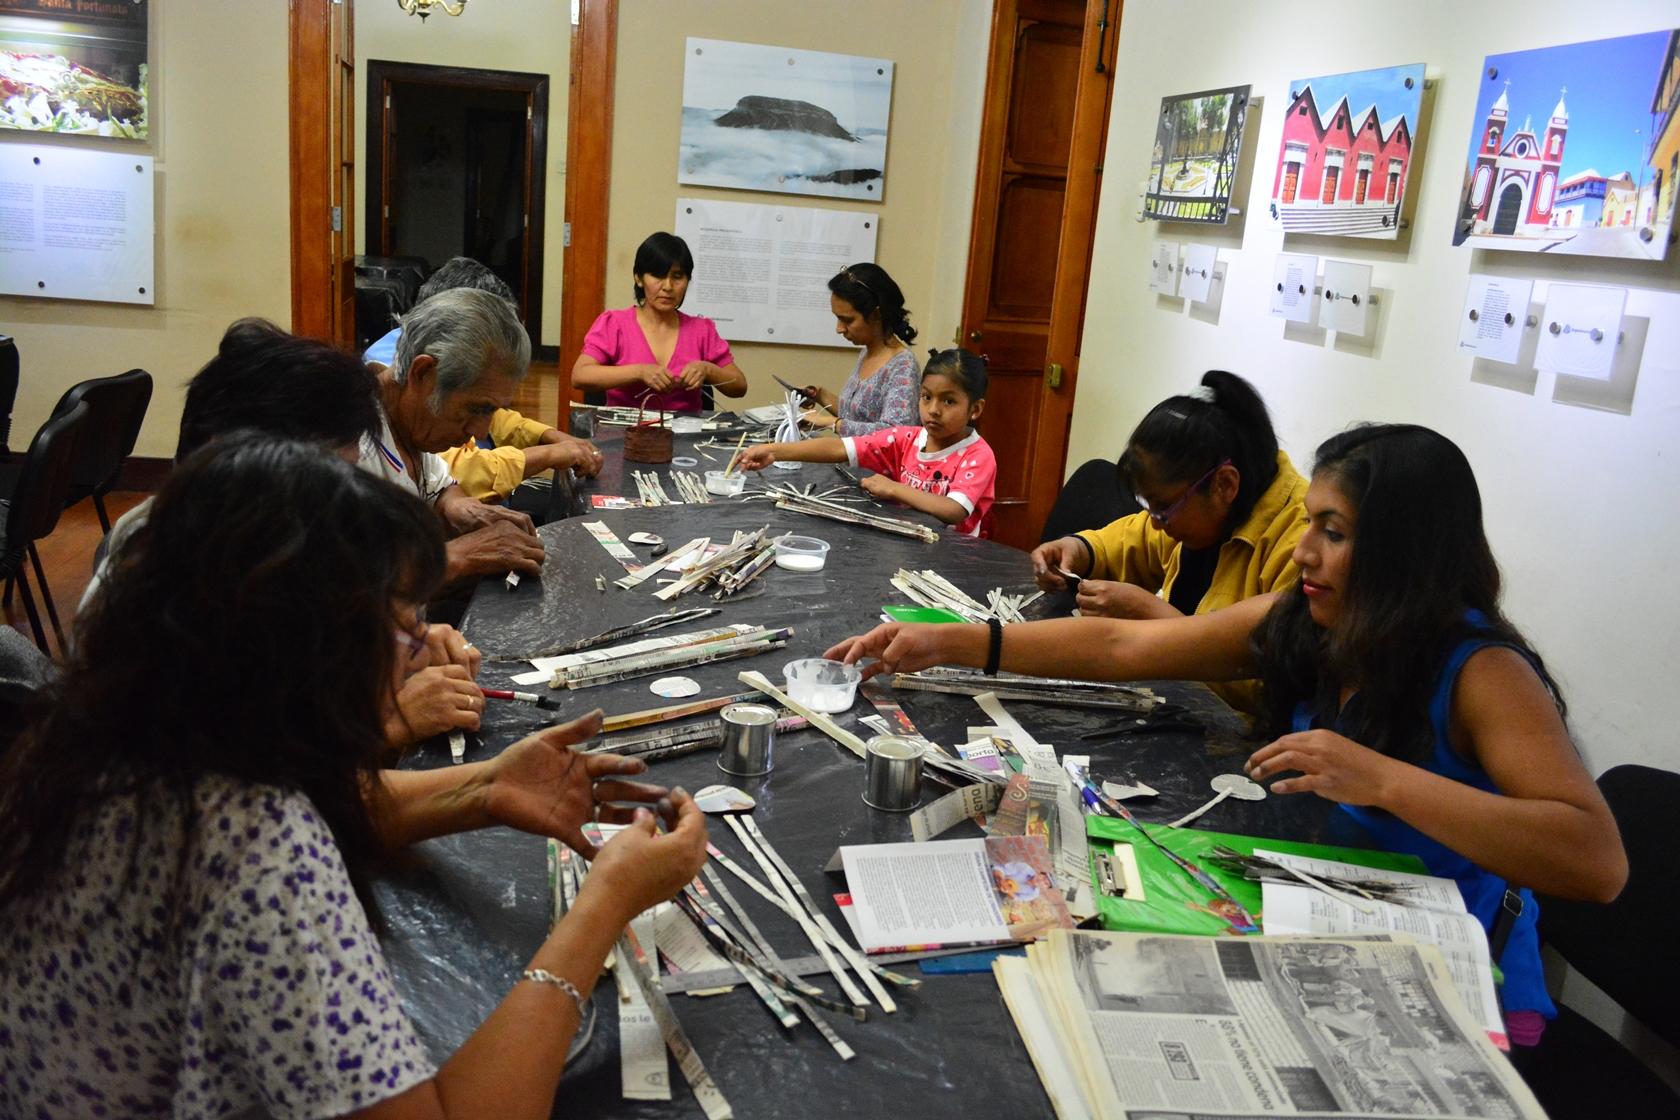 Anglo American: Promoviendo la salud y artesanía.